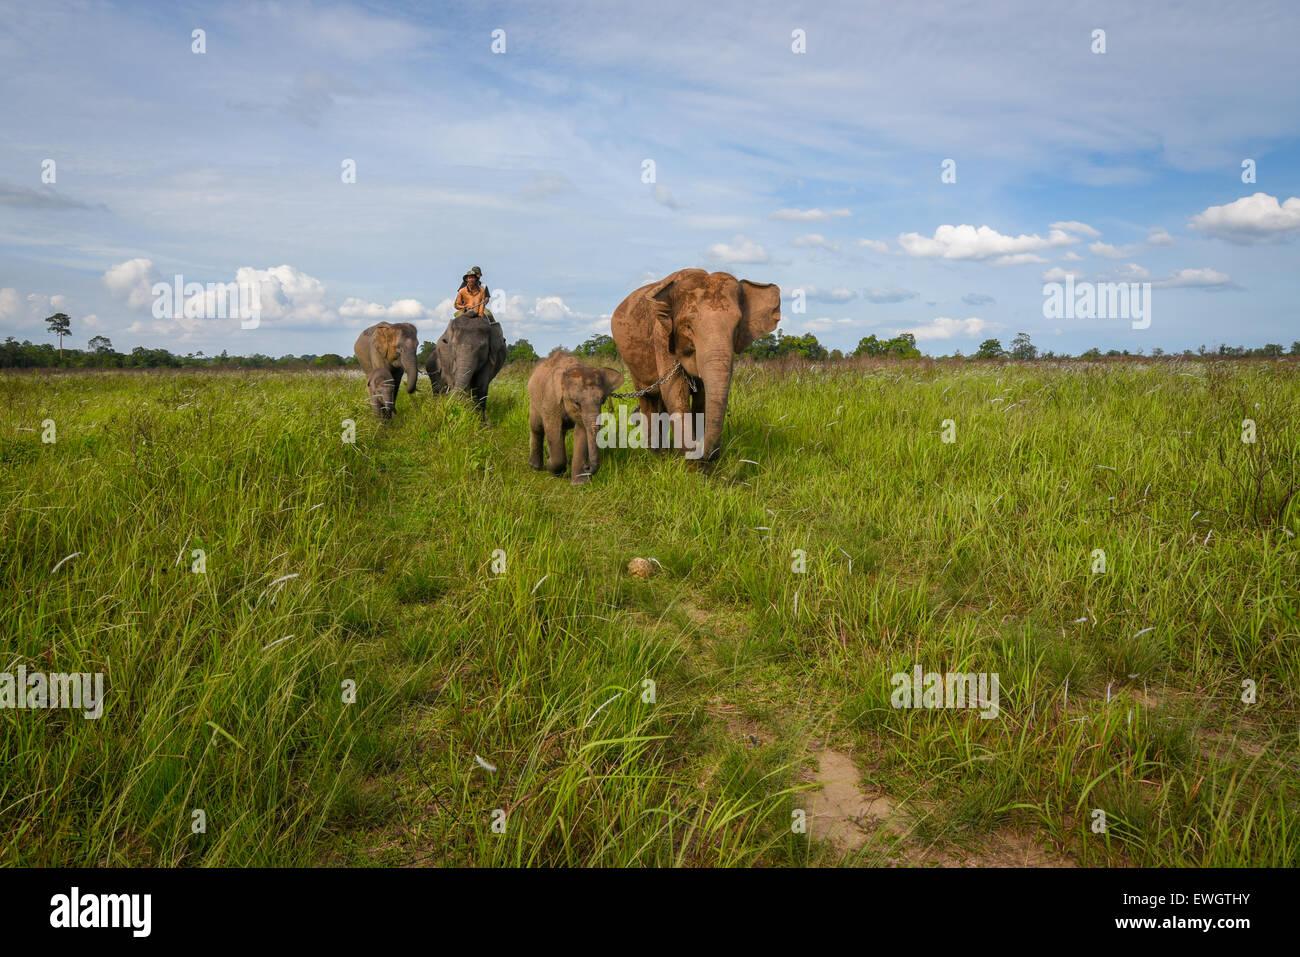 Herds of Sumatran elephants (Elephas maximus sumatranus) on Way Kambas National Park grassland. - Stock Image